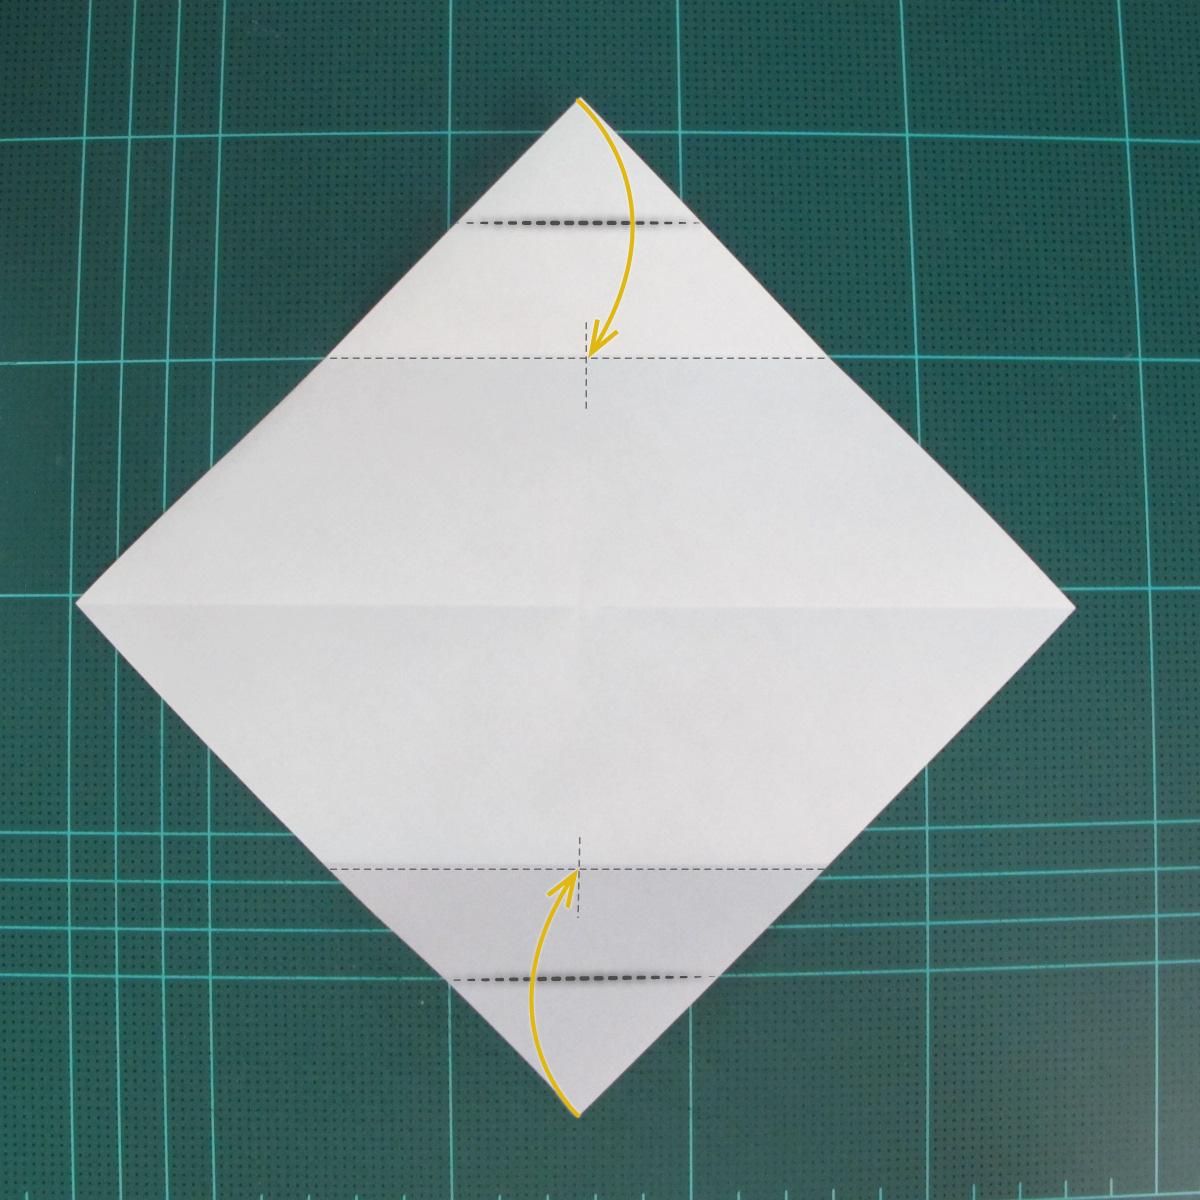 การพับกระดาษเป็นรูปเรือเรือสำปั้น (Origami Sampan) 002